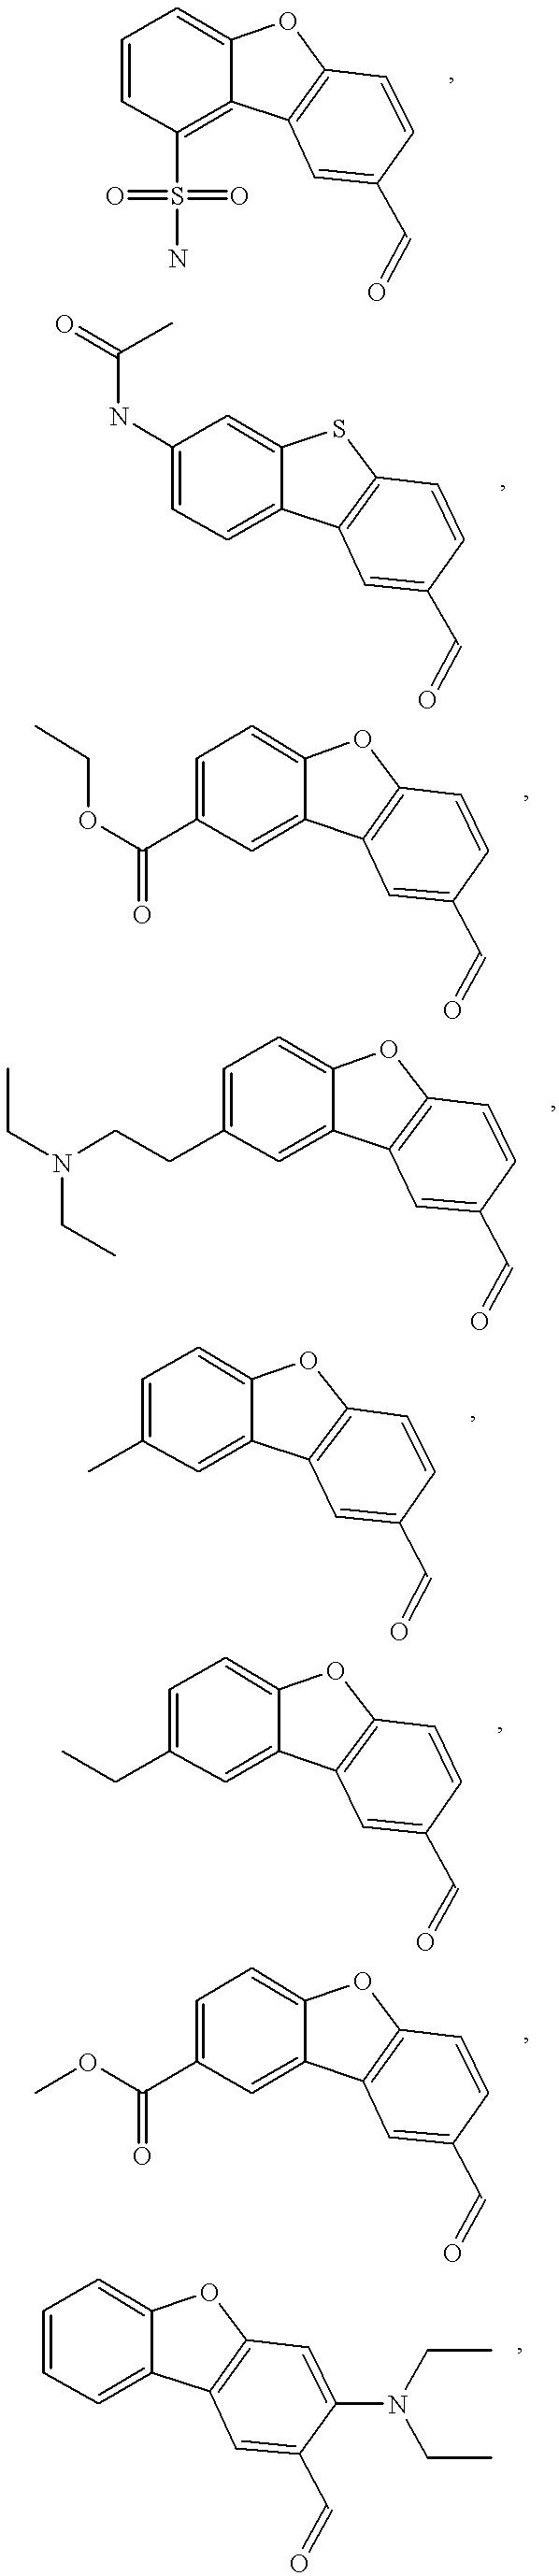 Figure US06514981-20030204-C00063